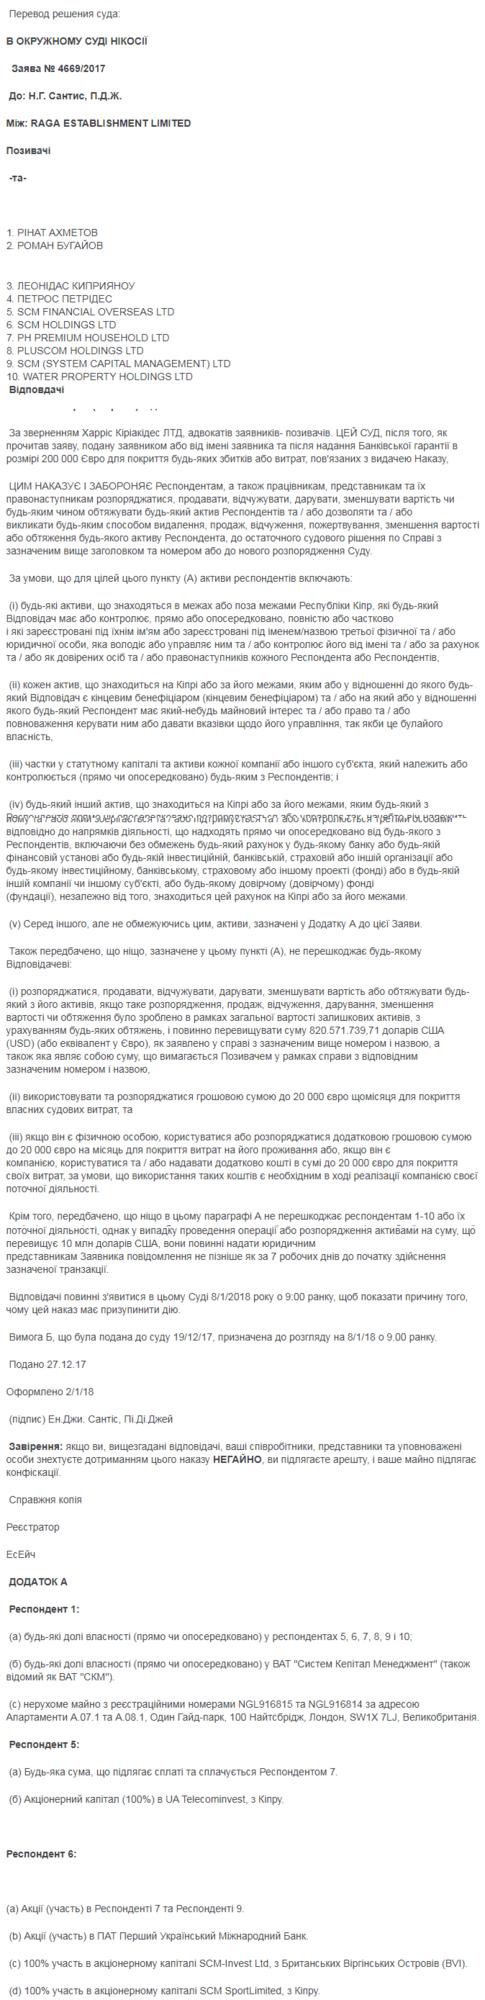 Ахметову запретили тратить более 20 тысяч евро: полный текст решения суда